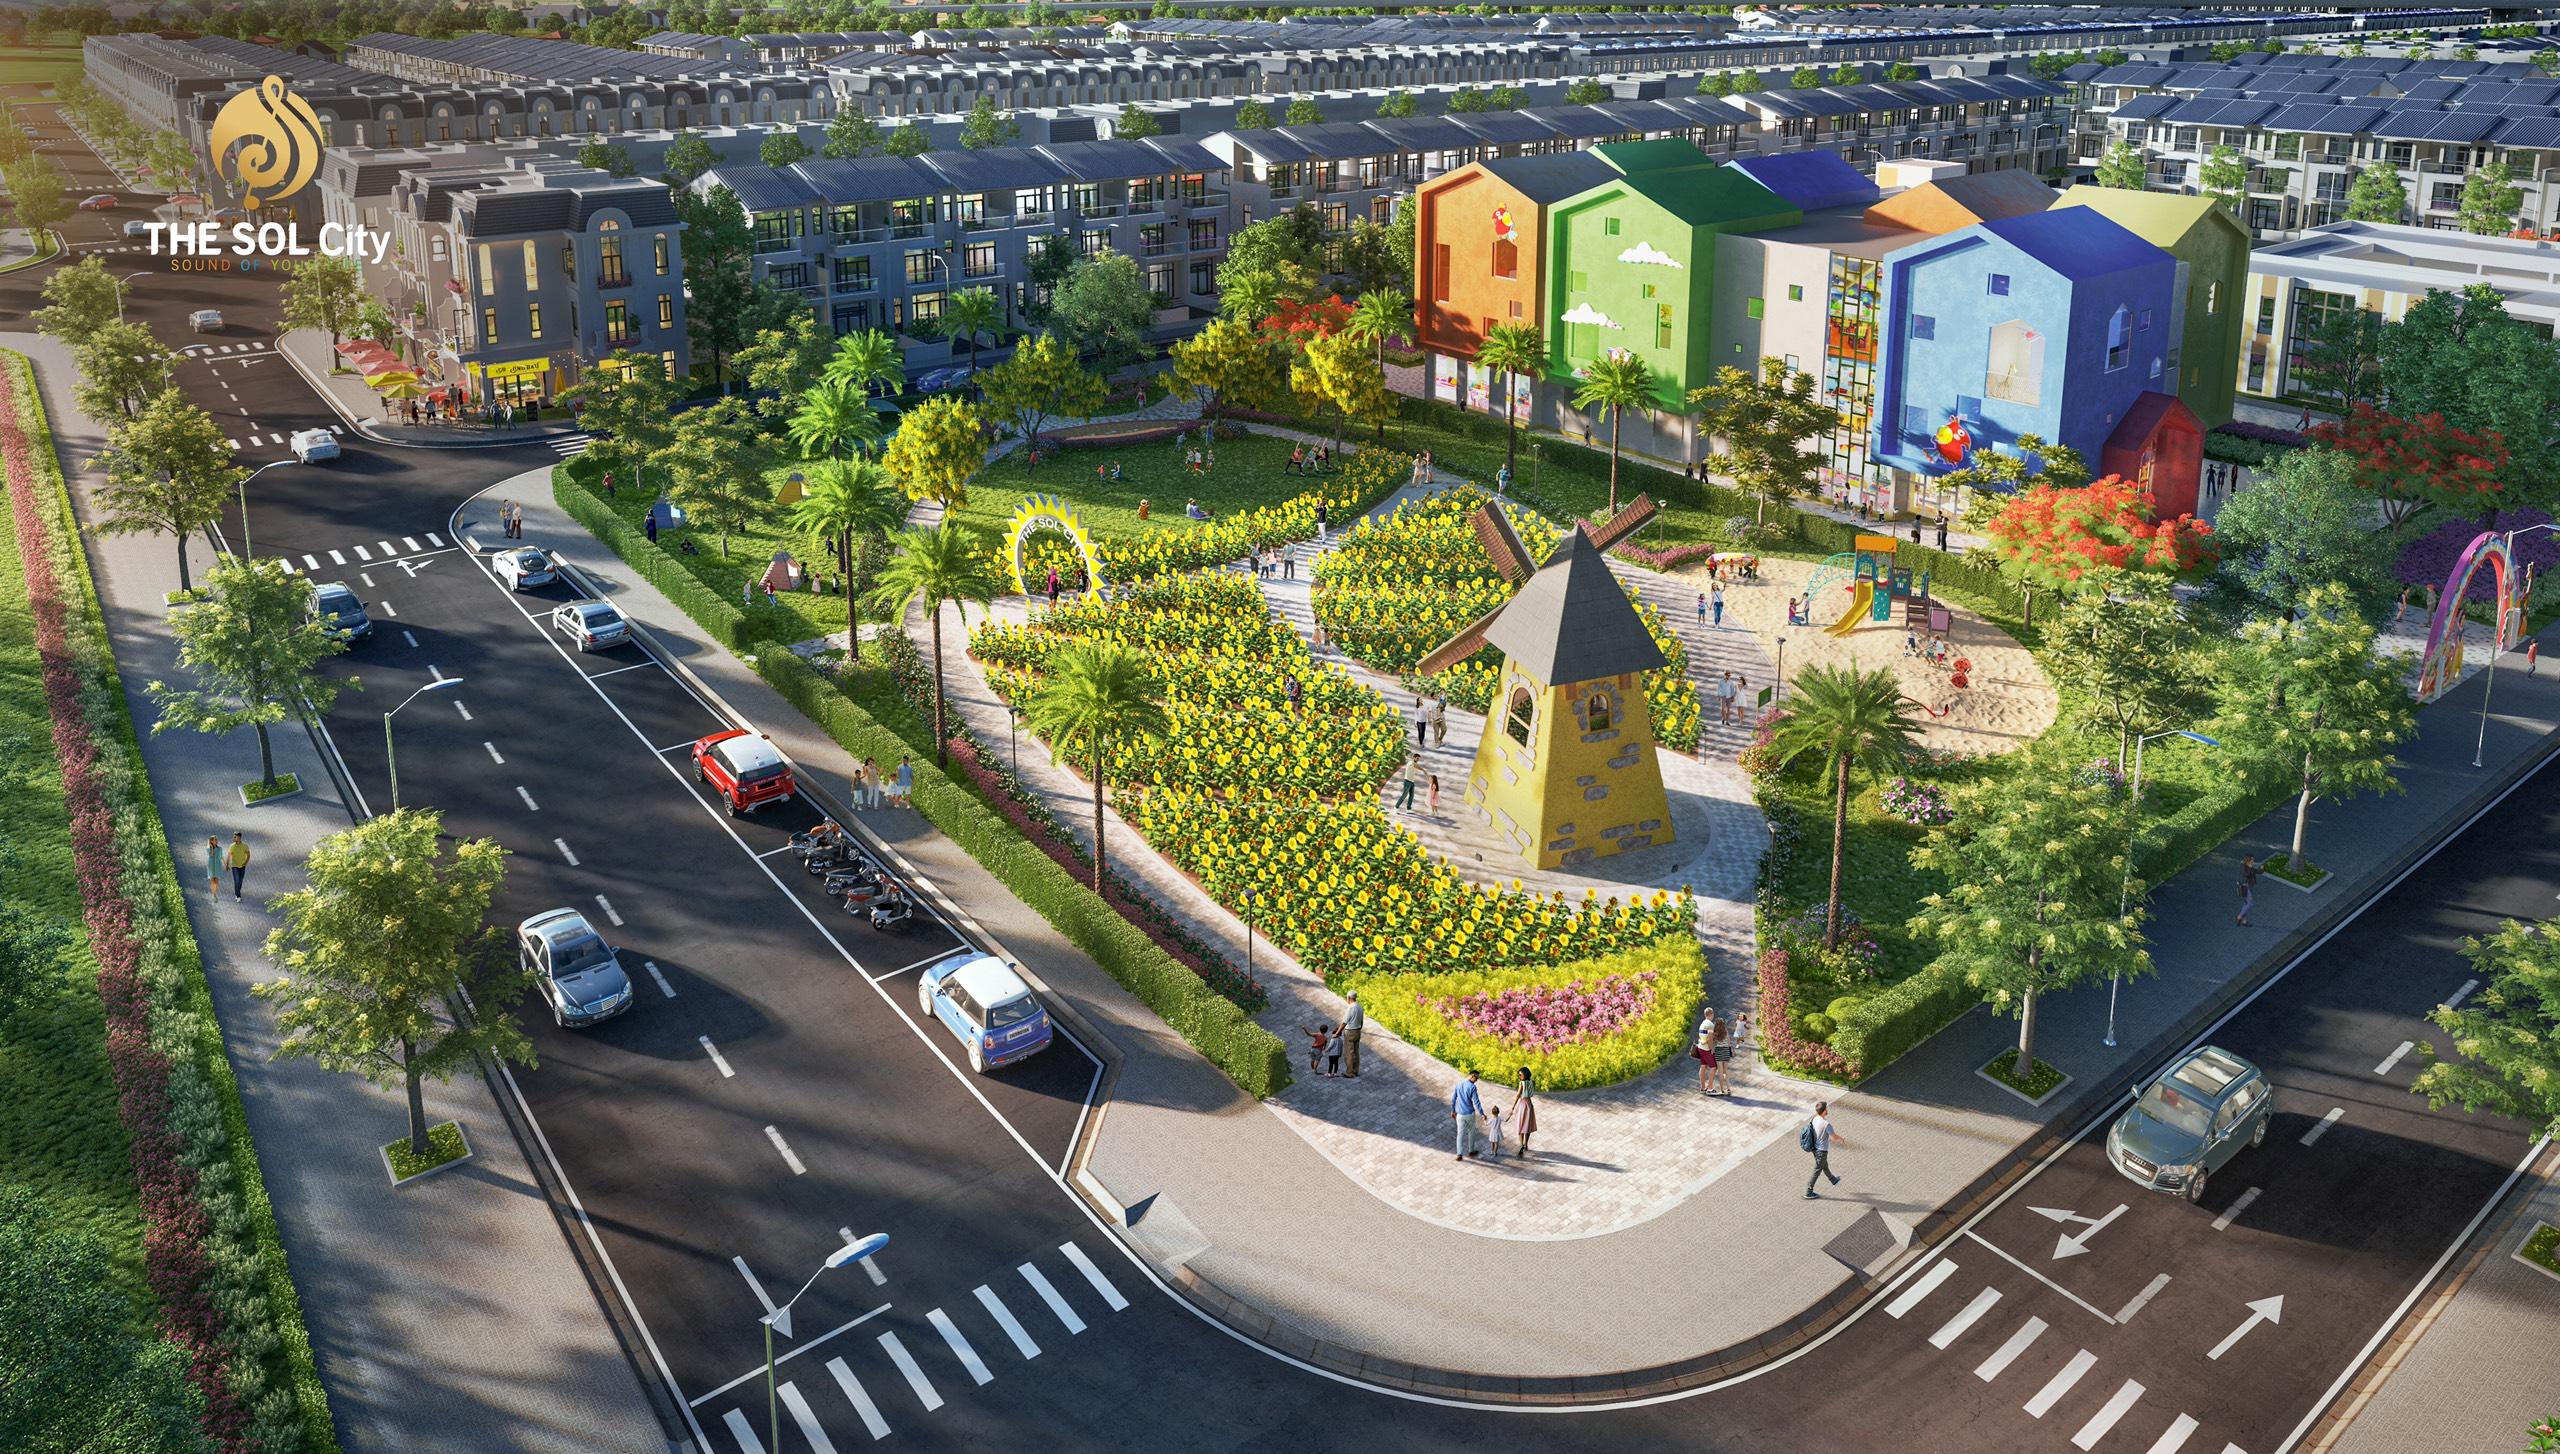 Khu vực trường học bên trong dự án nhà phố đất nền The Sol City Thắng Lợi